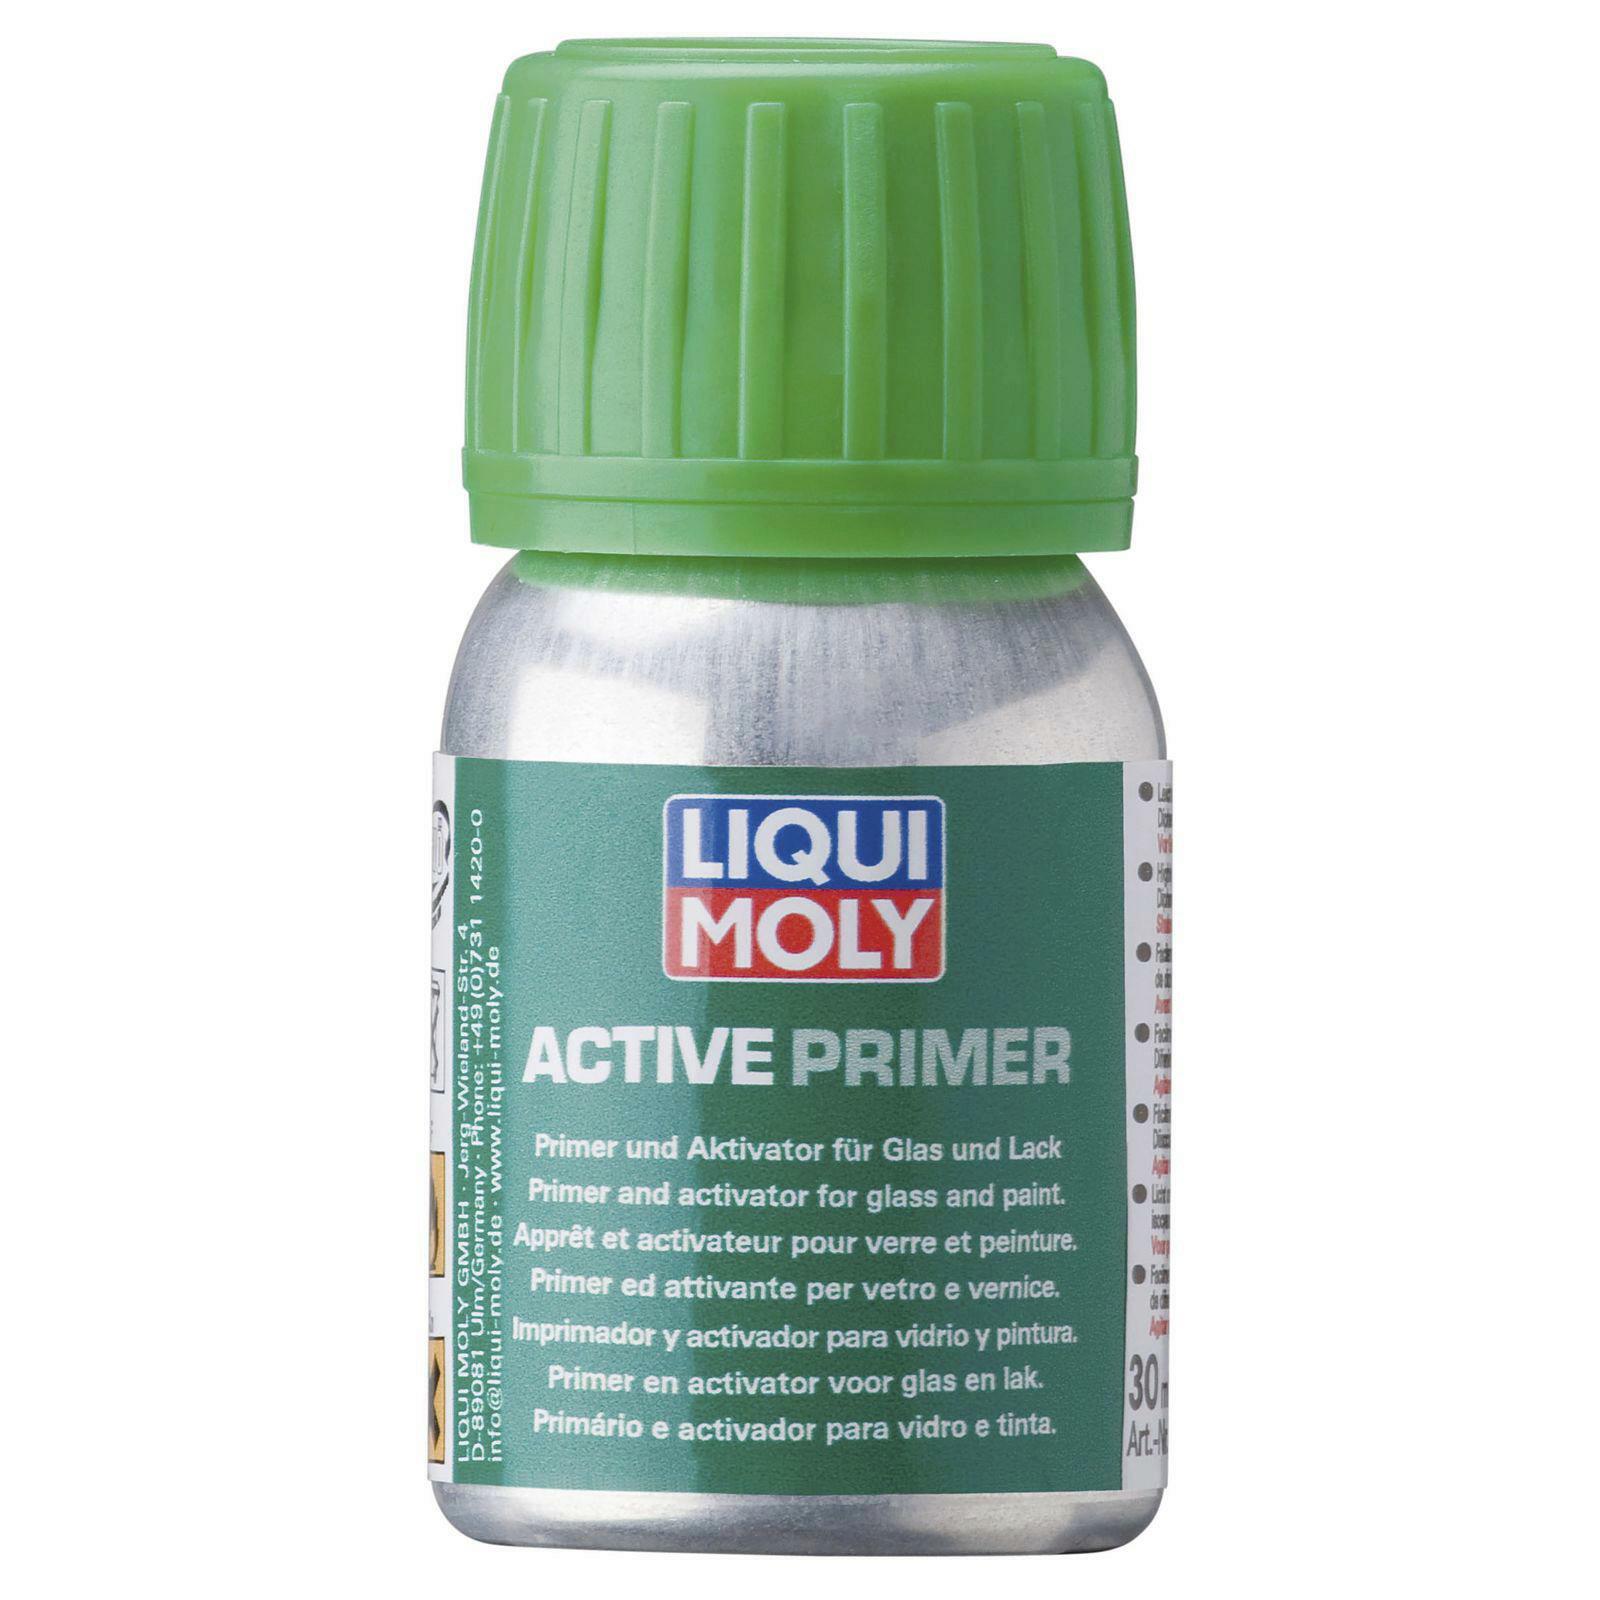 Liqui Moly Active Primer 30ml